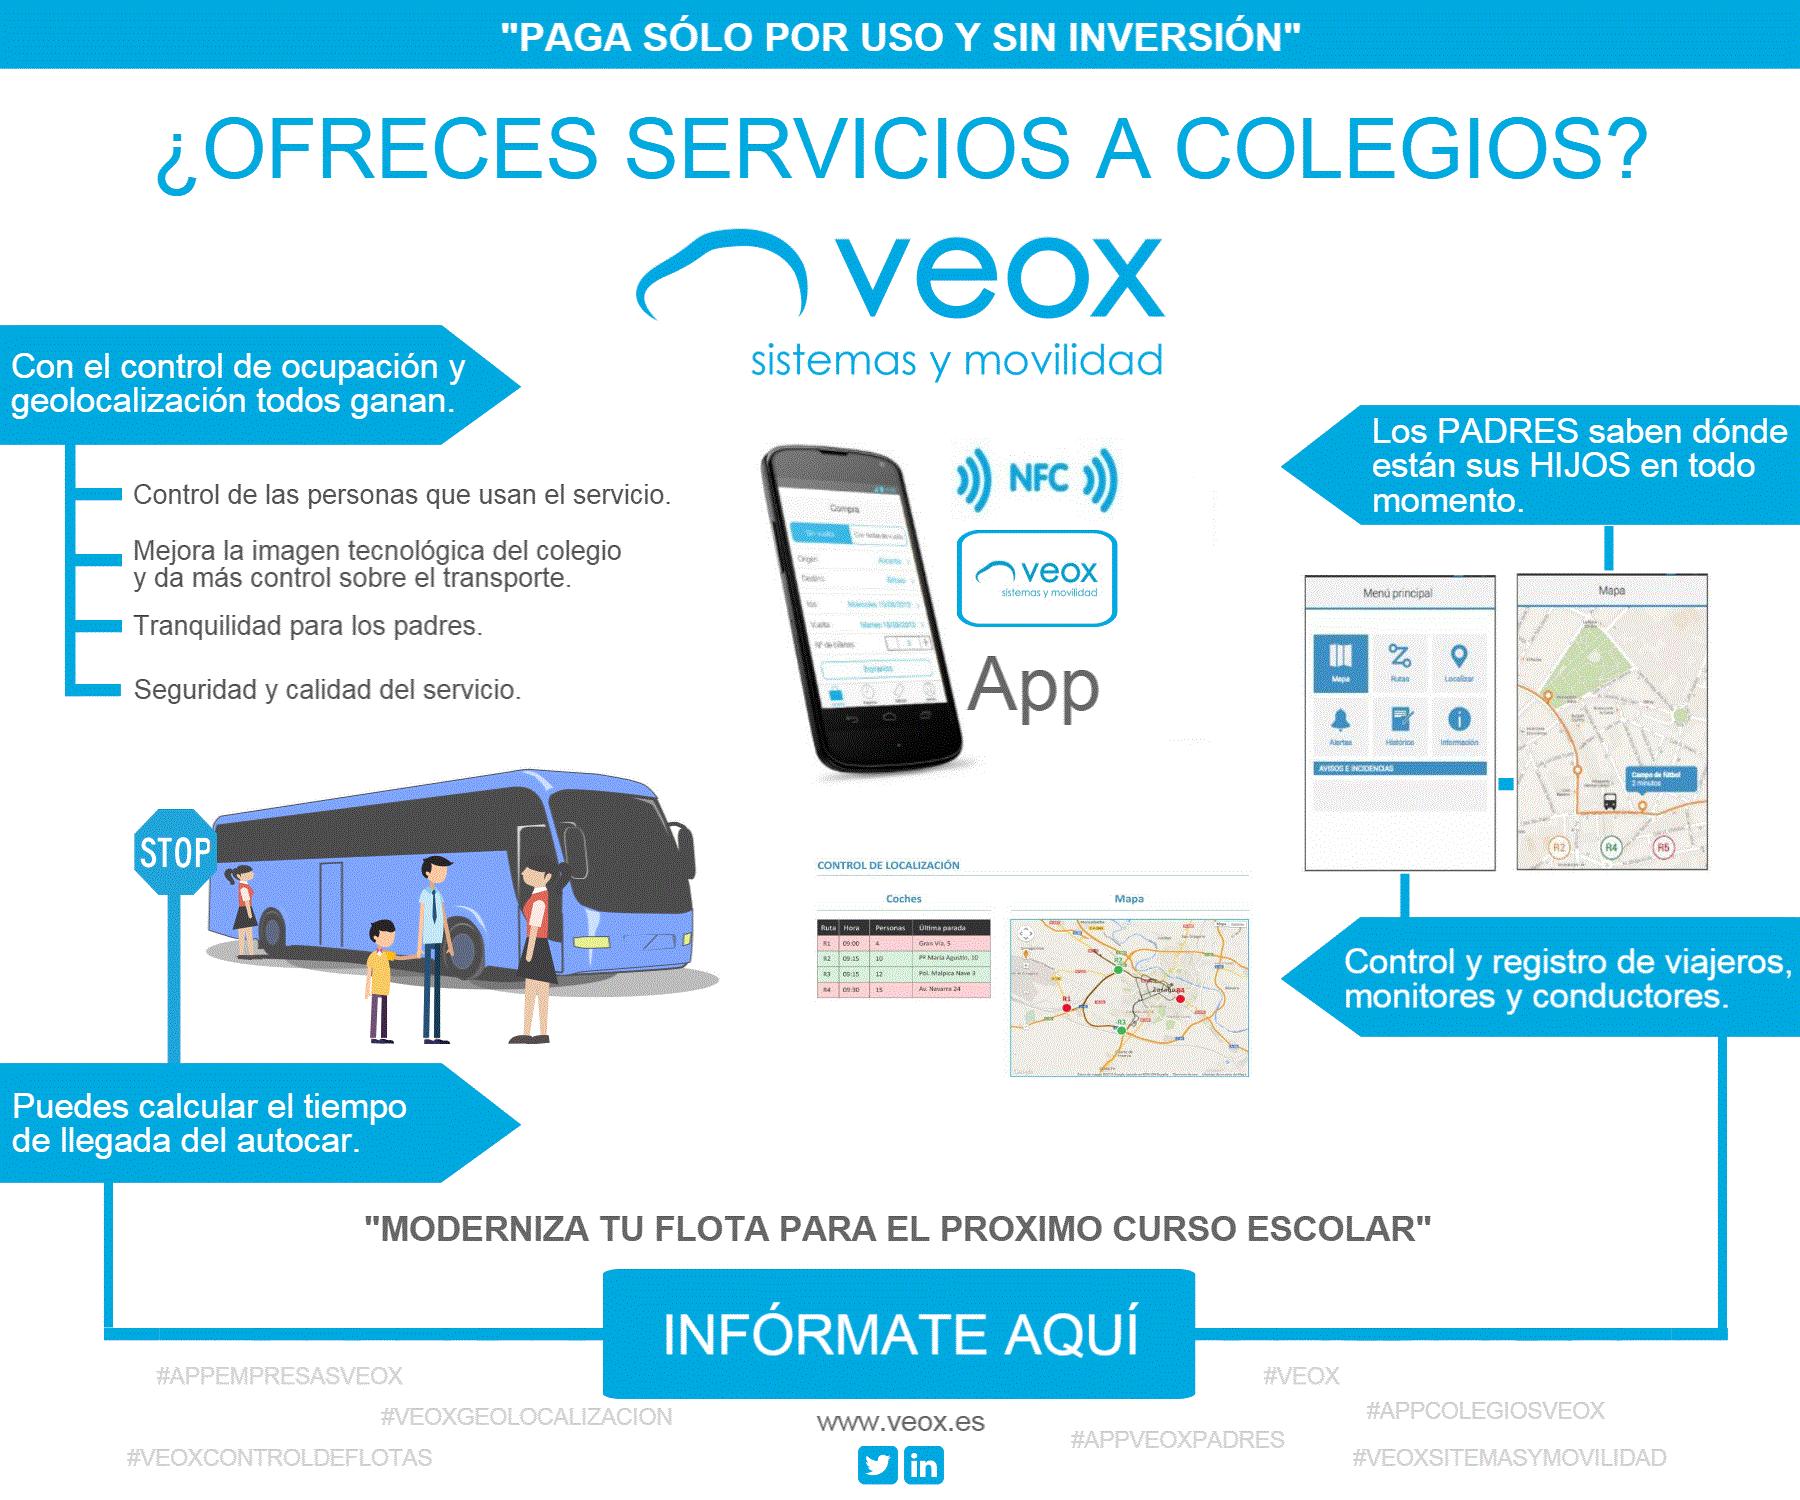 VEOX-APP-COLEGIOS